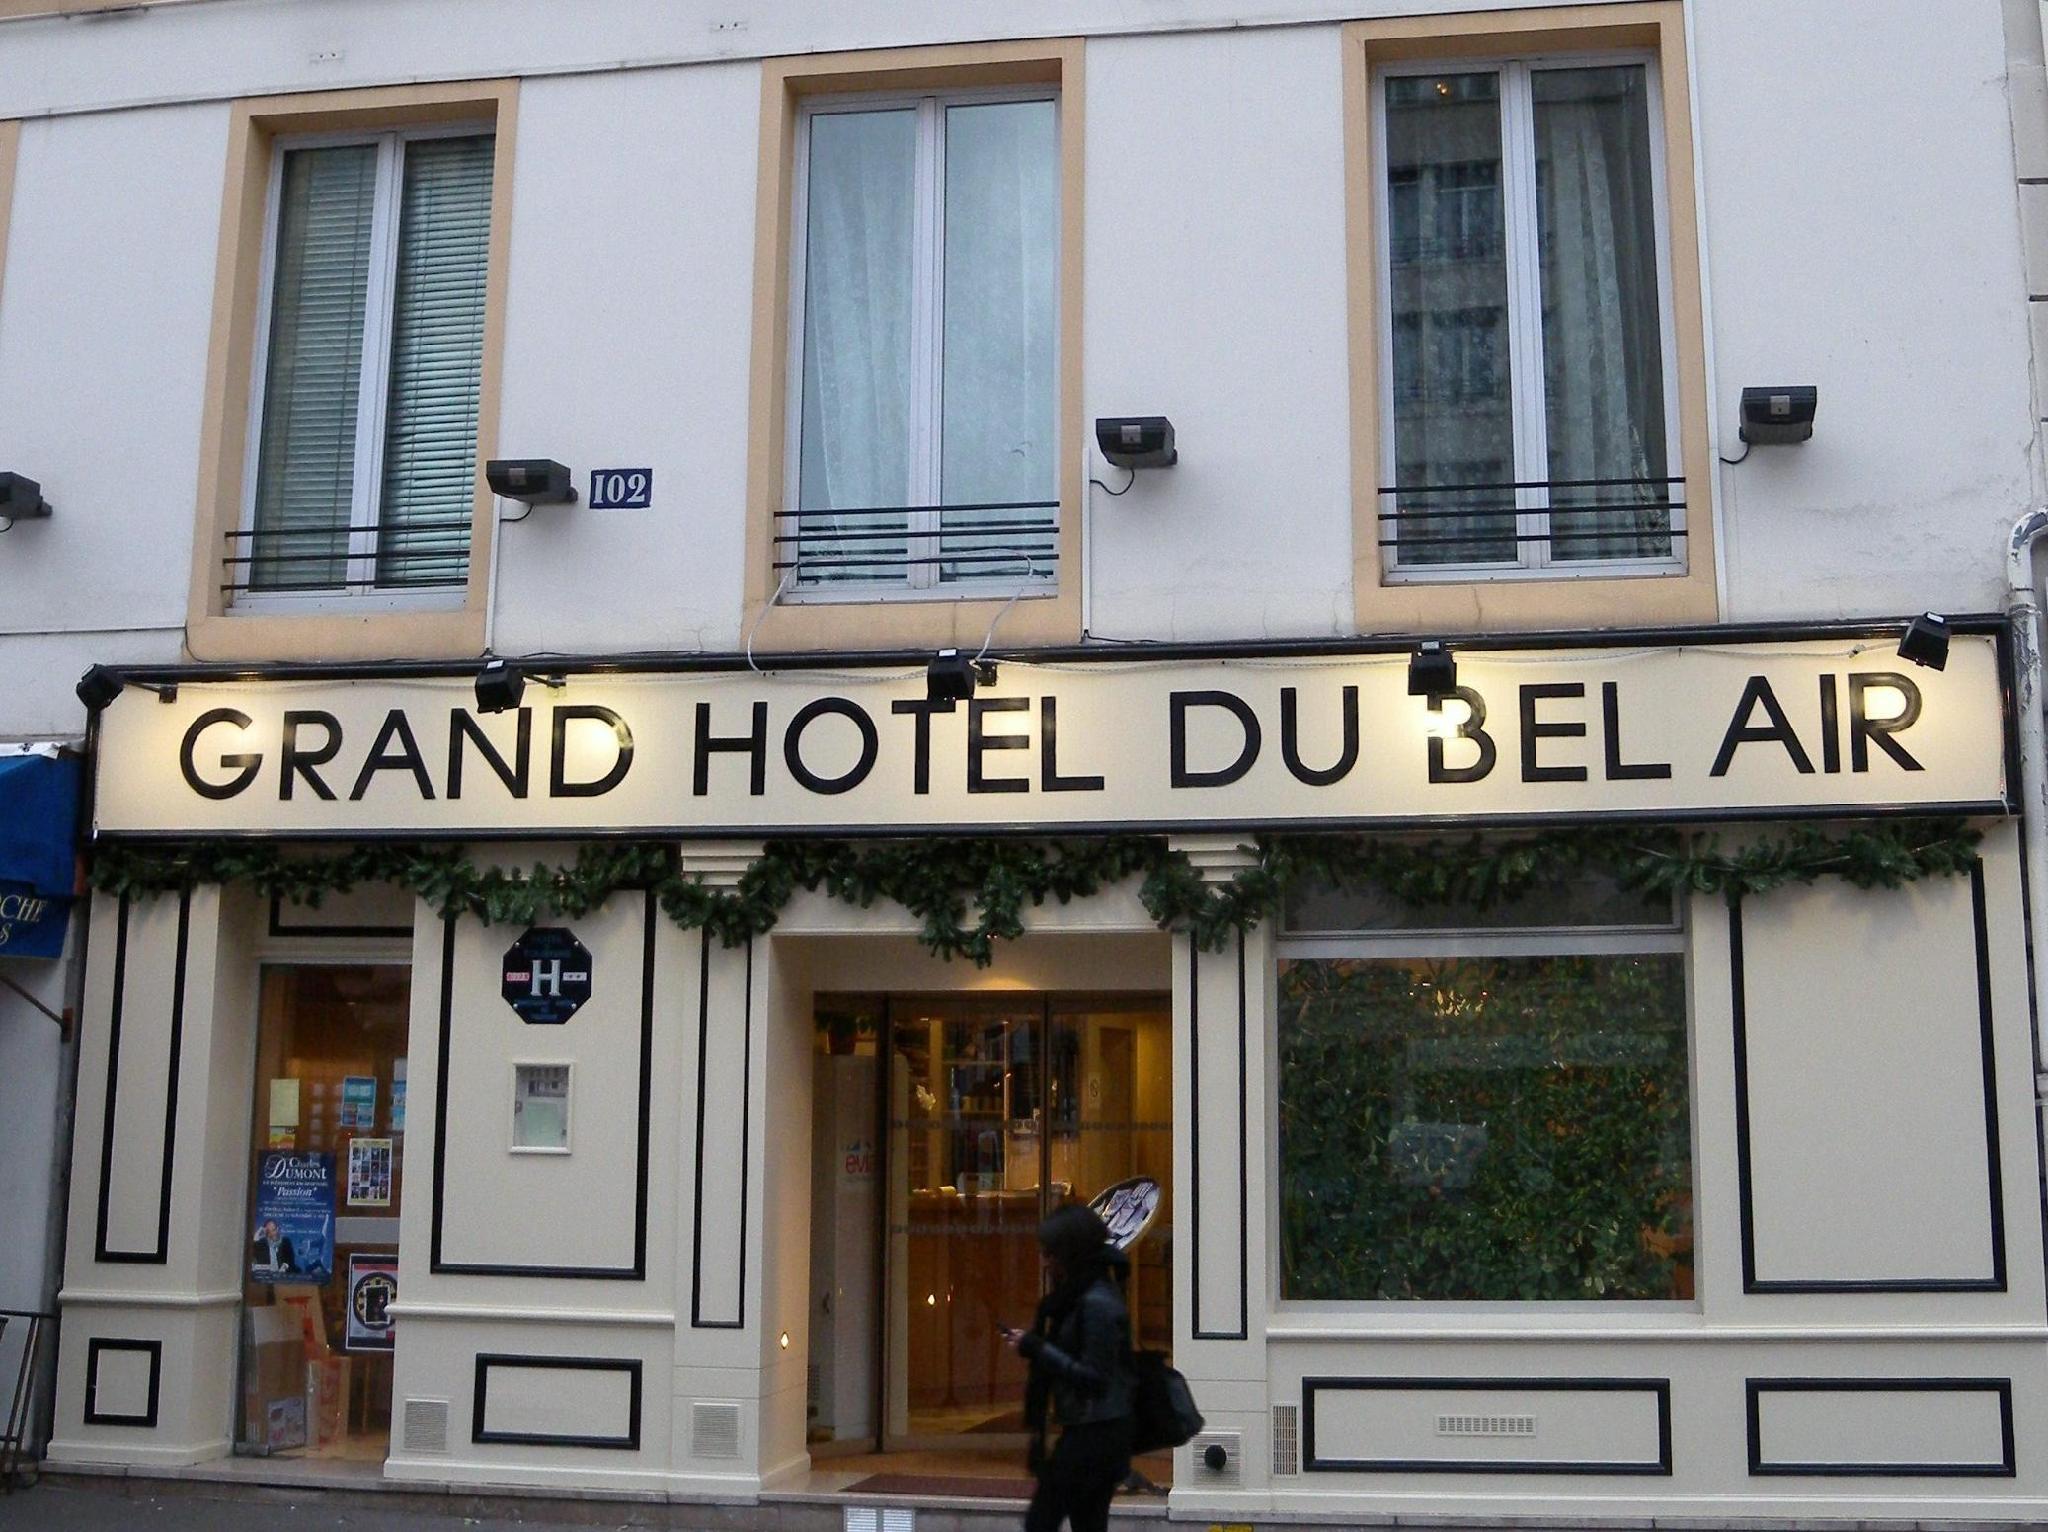 グランドホテル ドゥ ベルエア